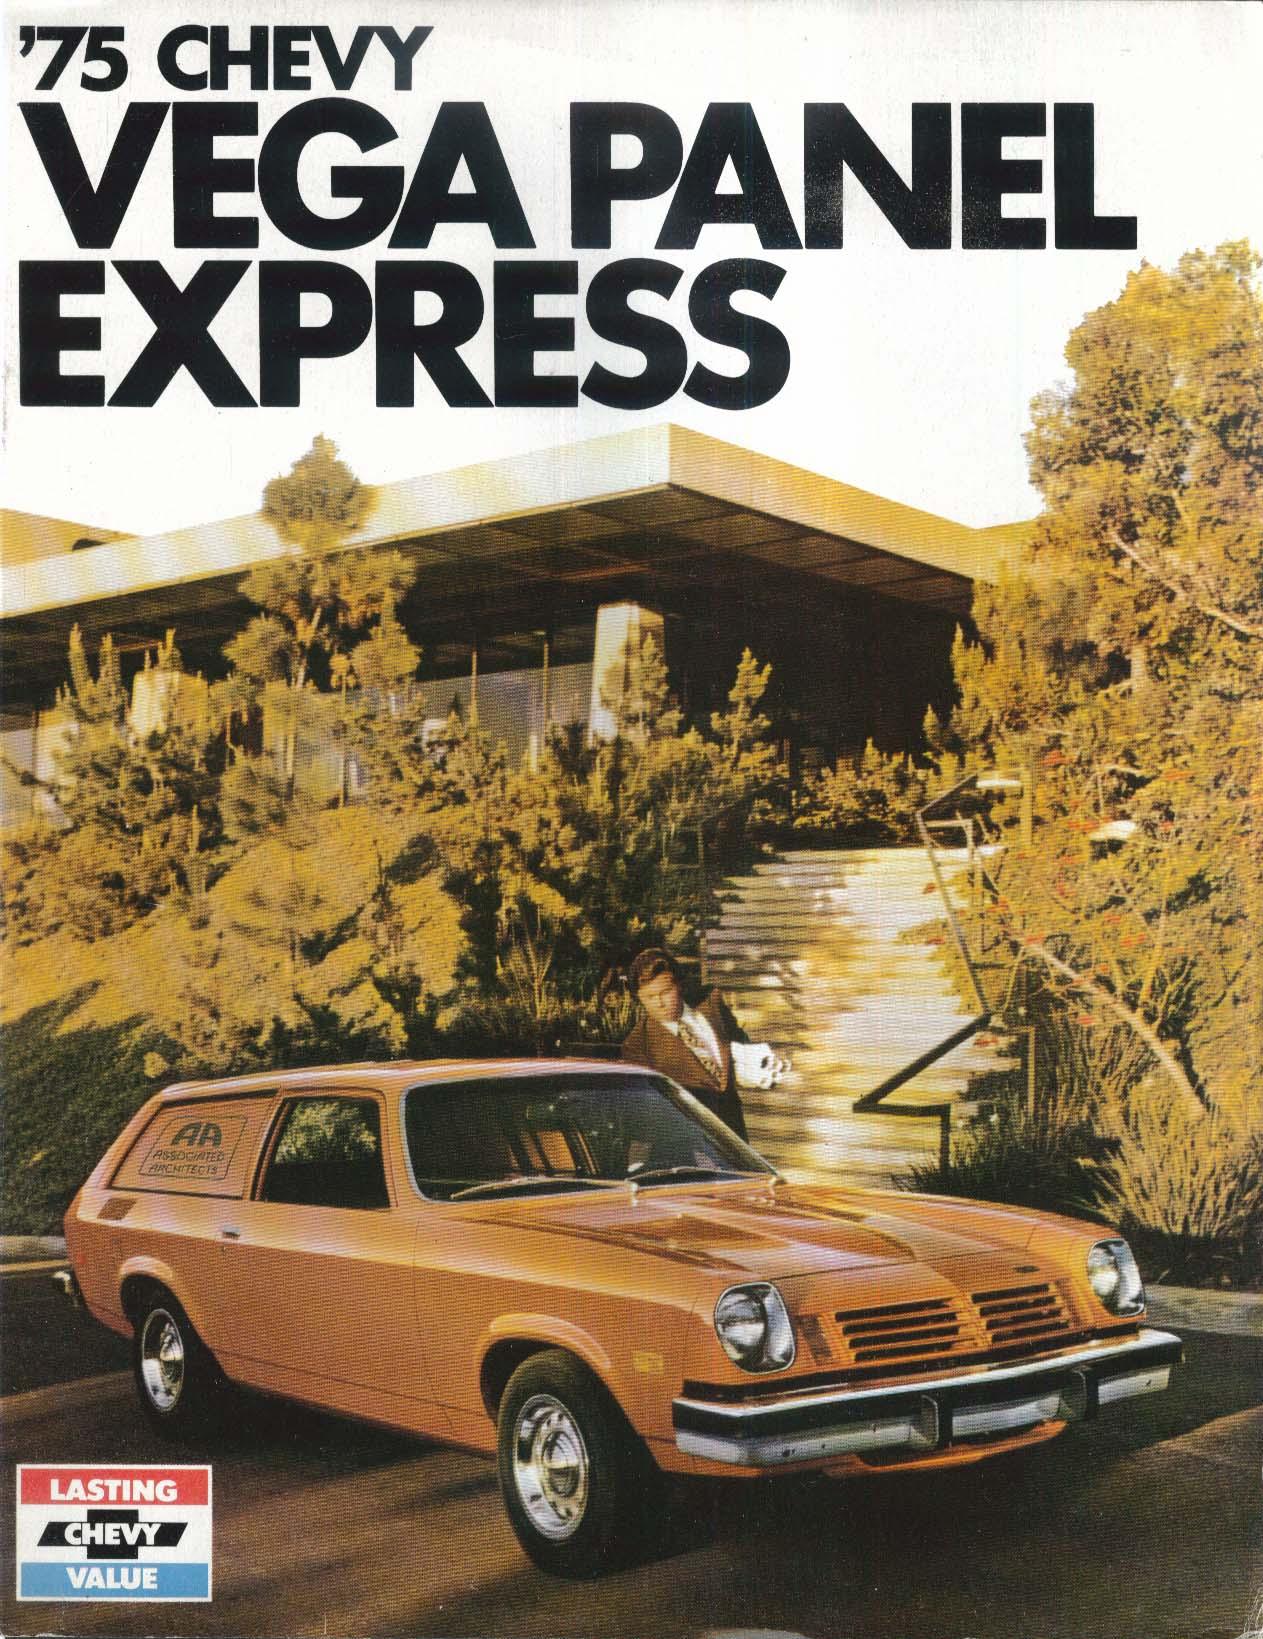 Image for 1975 Chevy Vega Panel Express sellsheet